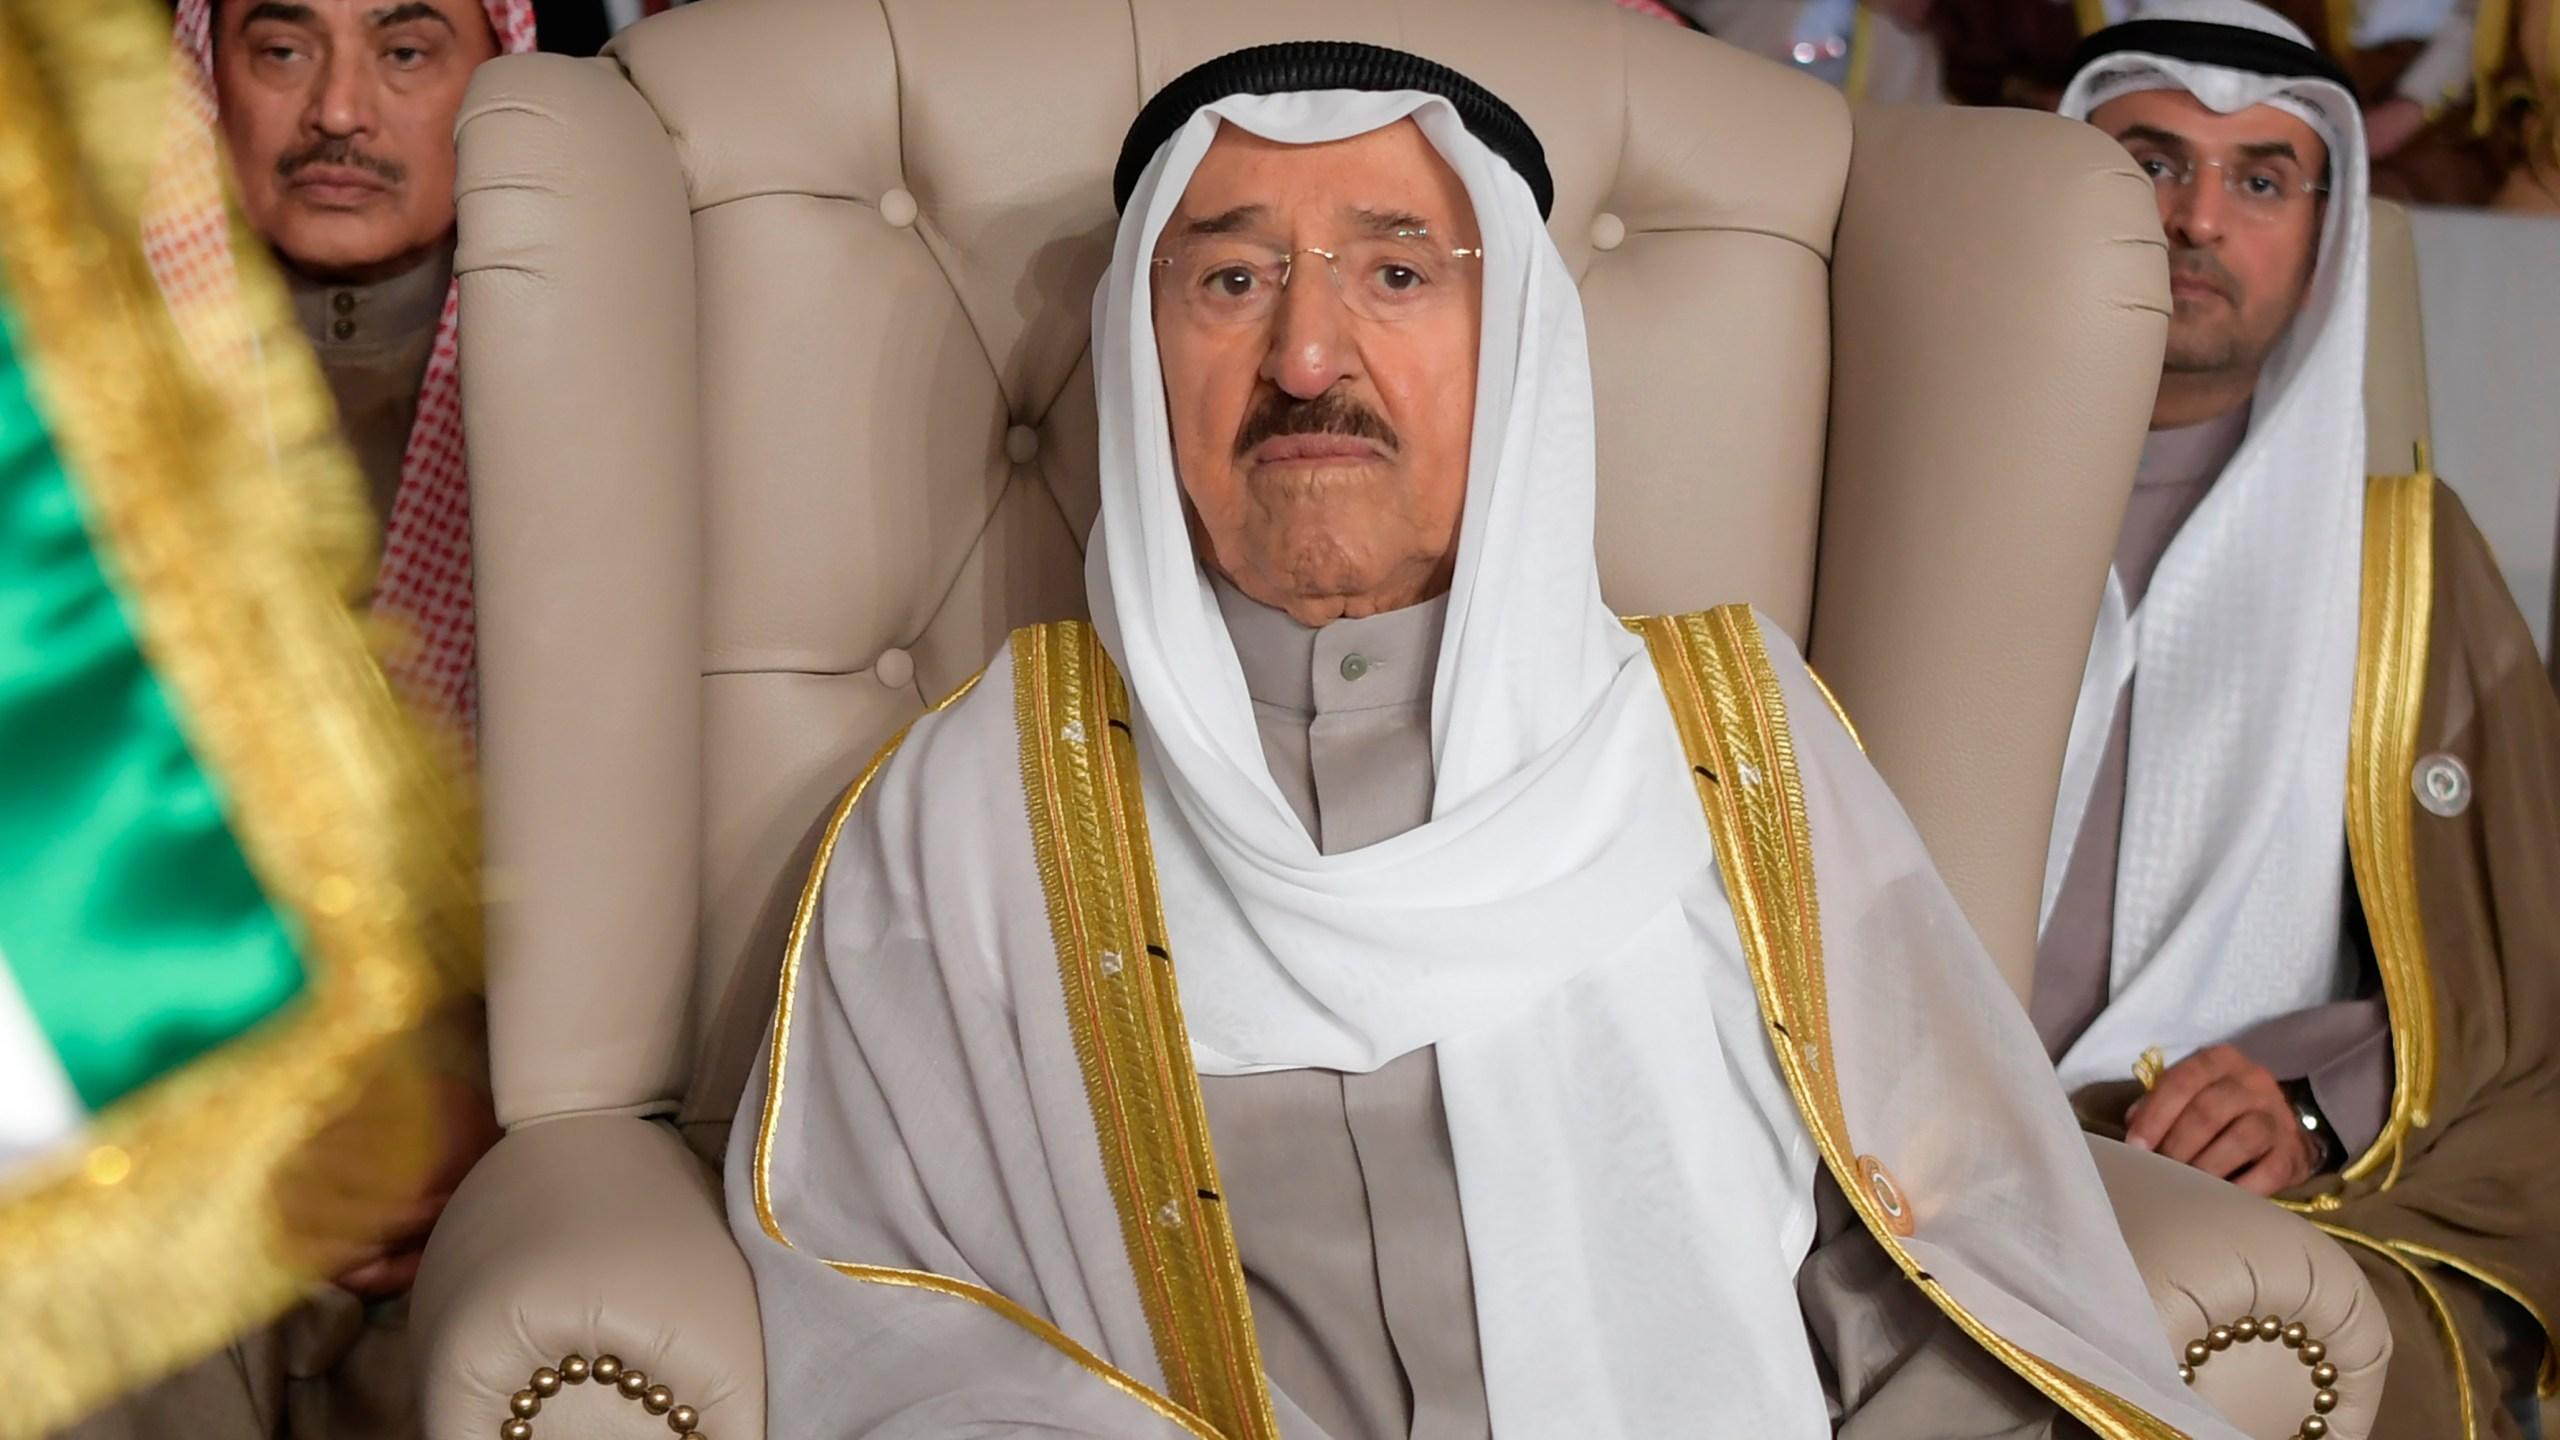 Sabah Al Ahmad Al Sabah